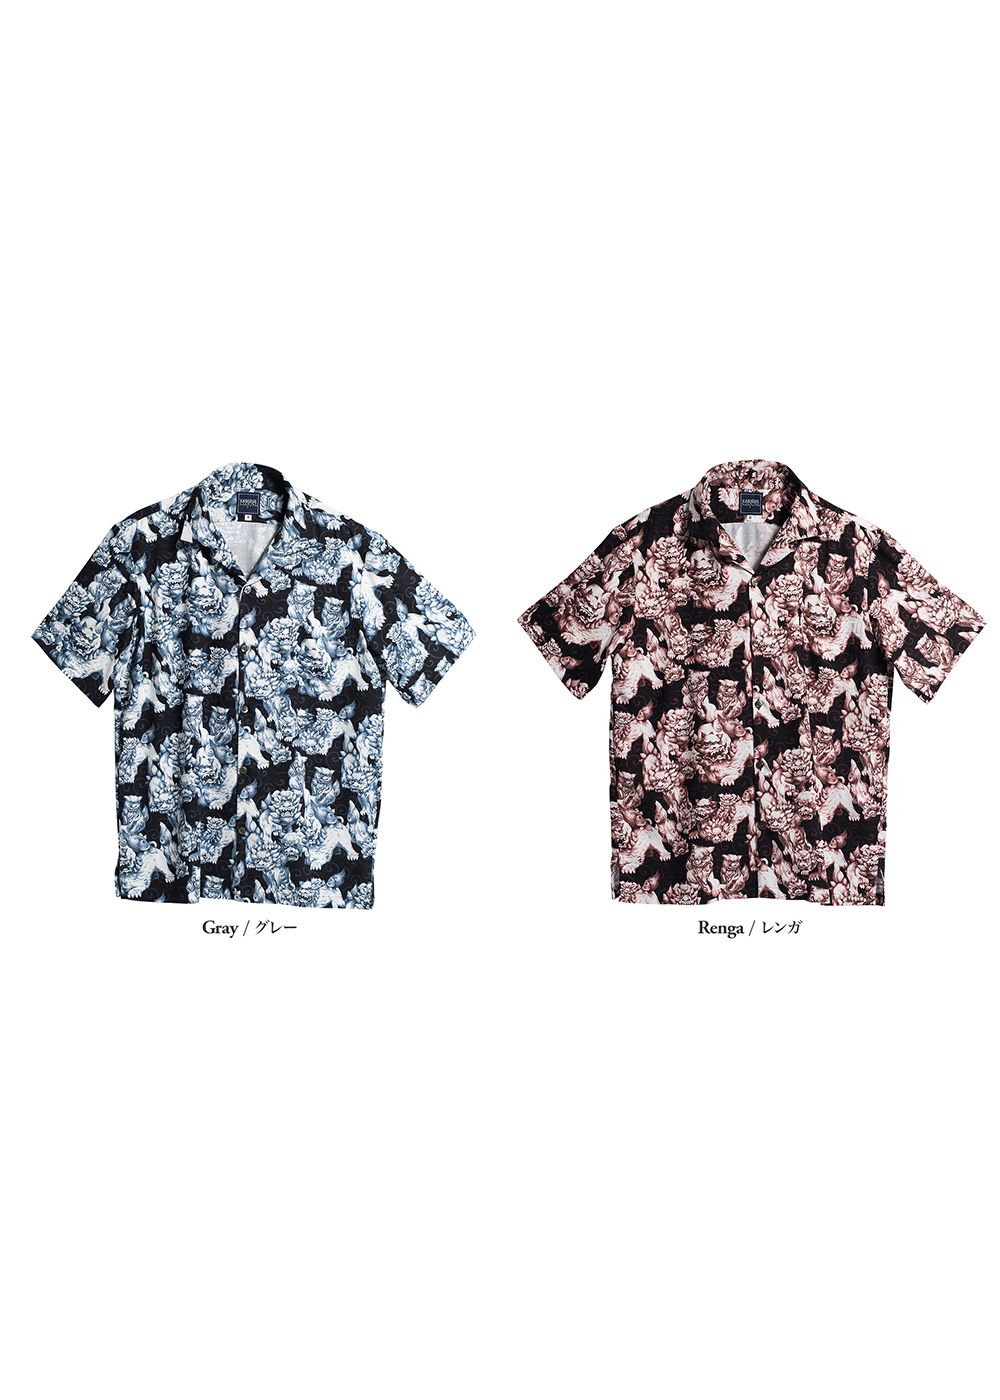 かりゆしウェア(沖縄版アロハシャツ) MAJUN - 百シーサー